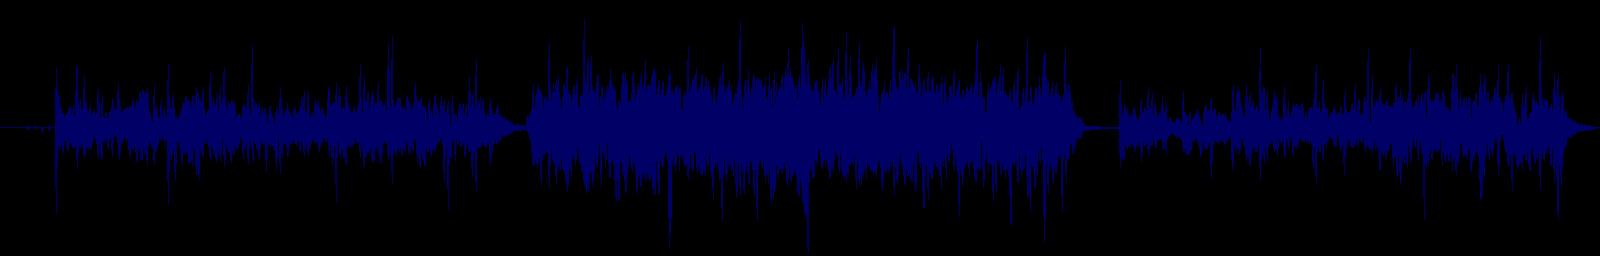 waveform of track #128875